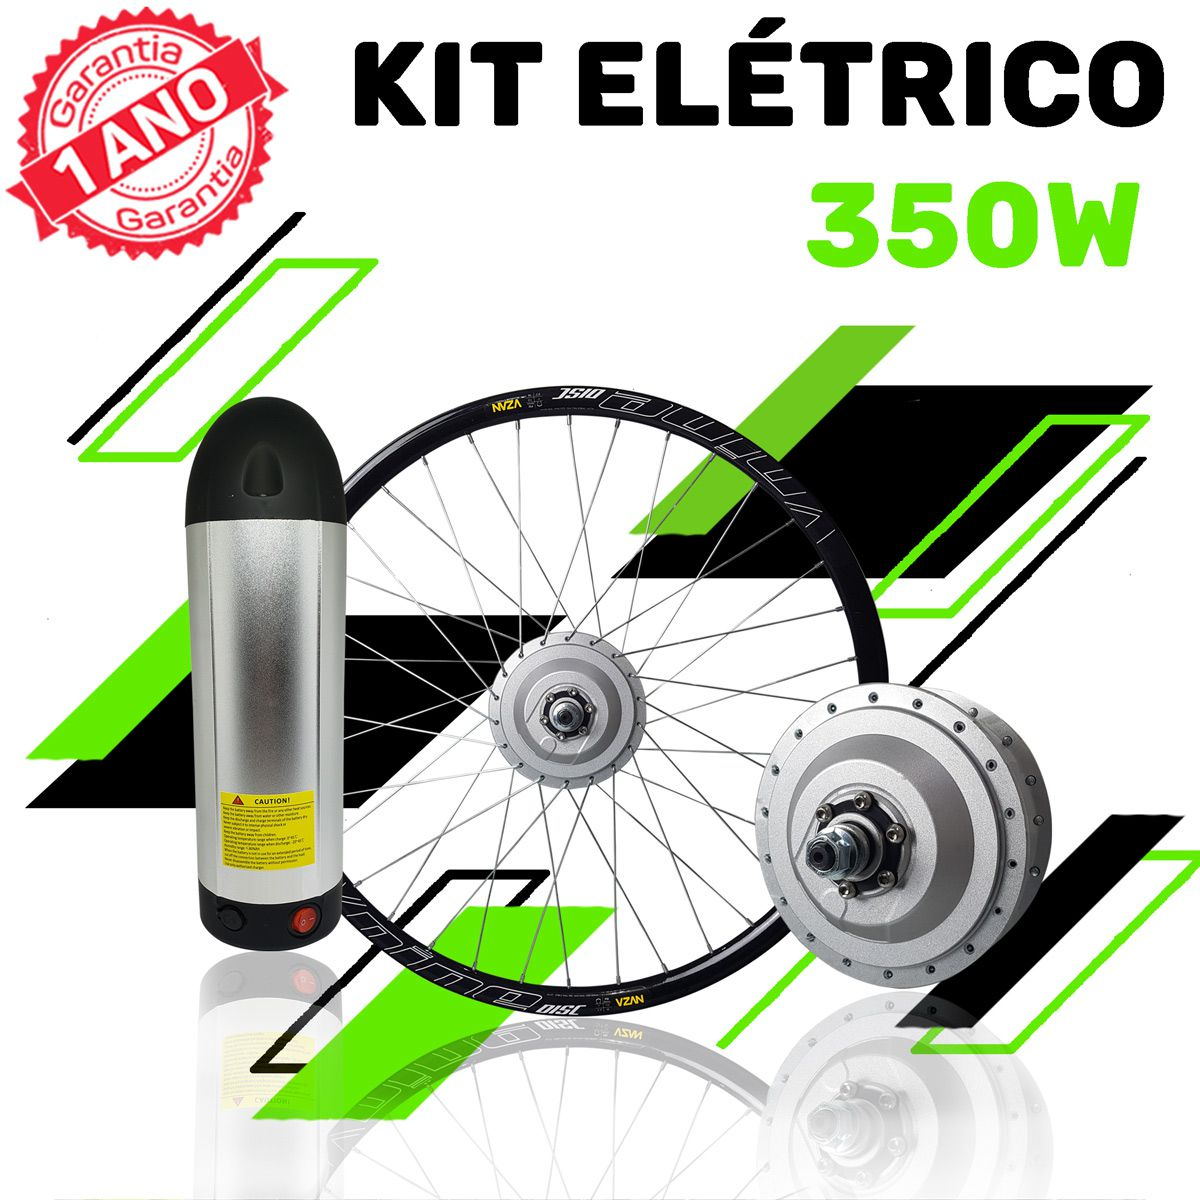 Kit Elétrico 350 W Bicicleta - Bateria Litio Para Freio V Brake (Aro 20)